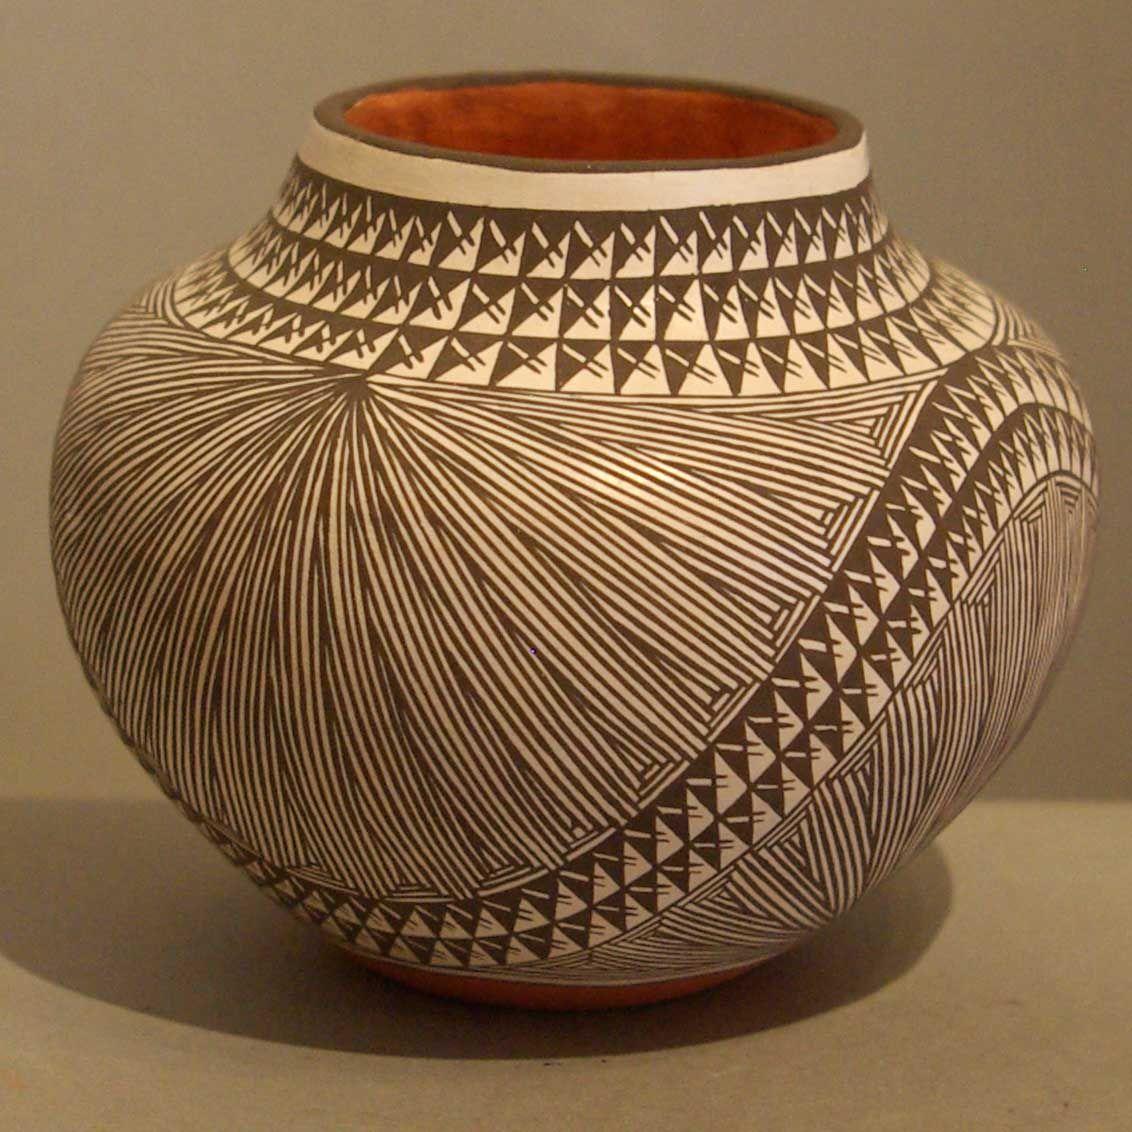 I l-o-v-e Acoma pottery... hand drawn, very thin and fragile